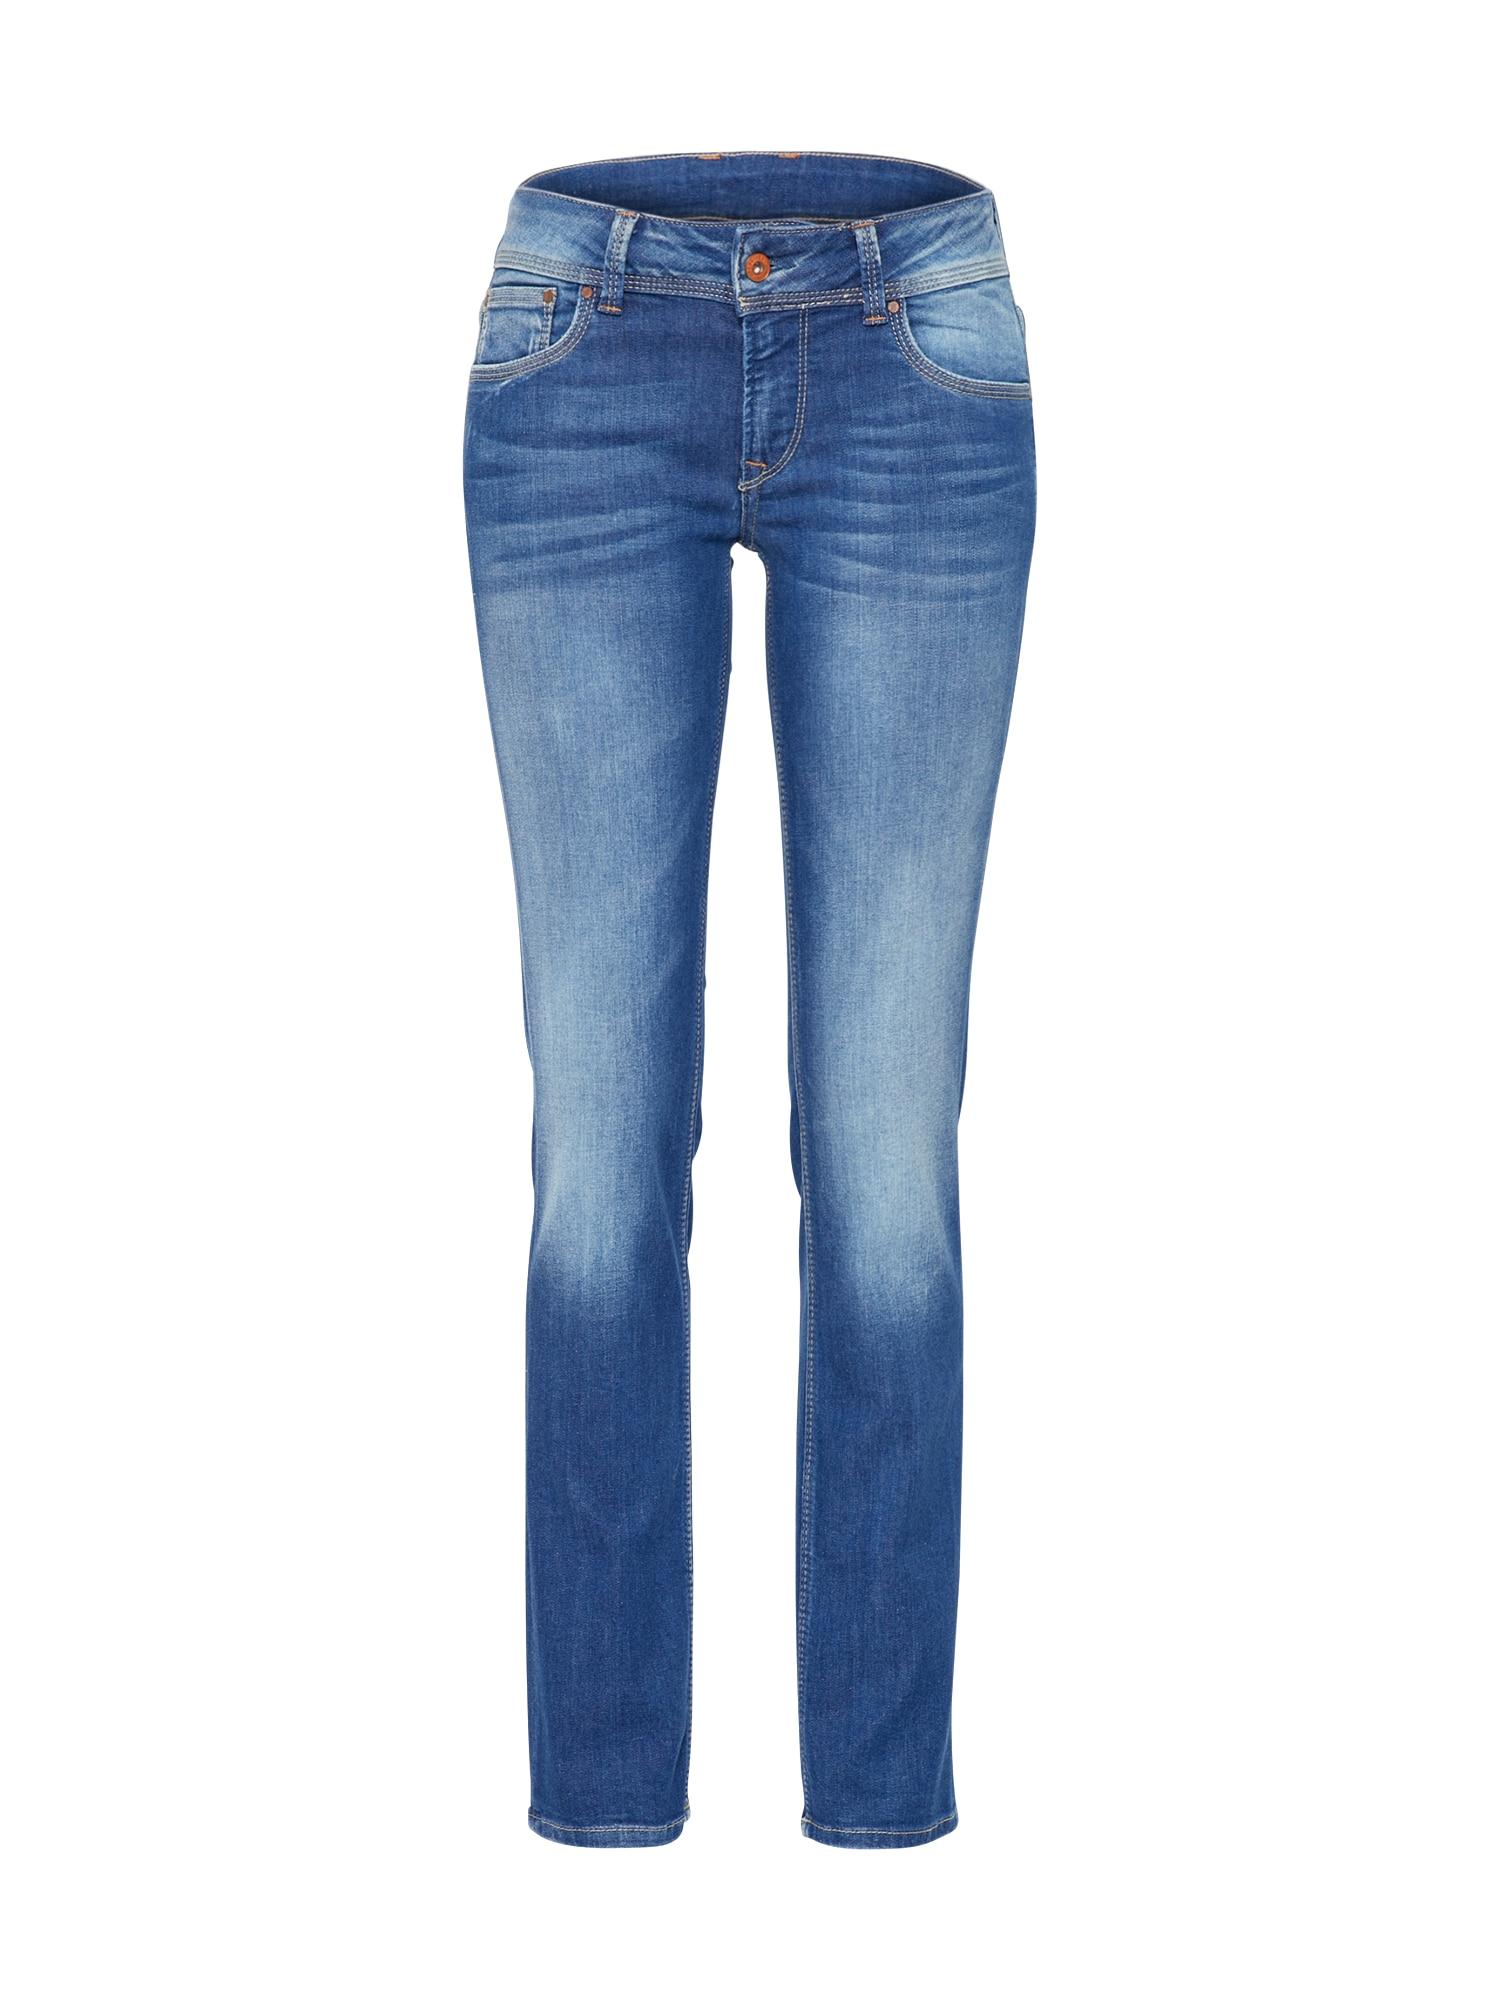 Džíny Saturn modrá džínovina Pepe Jeans